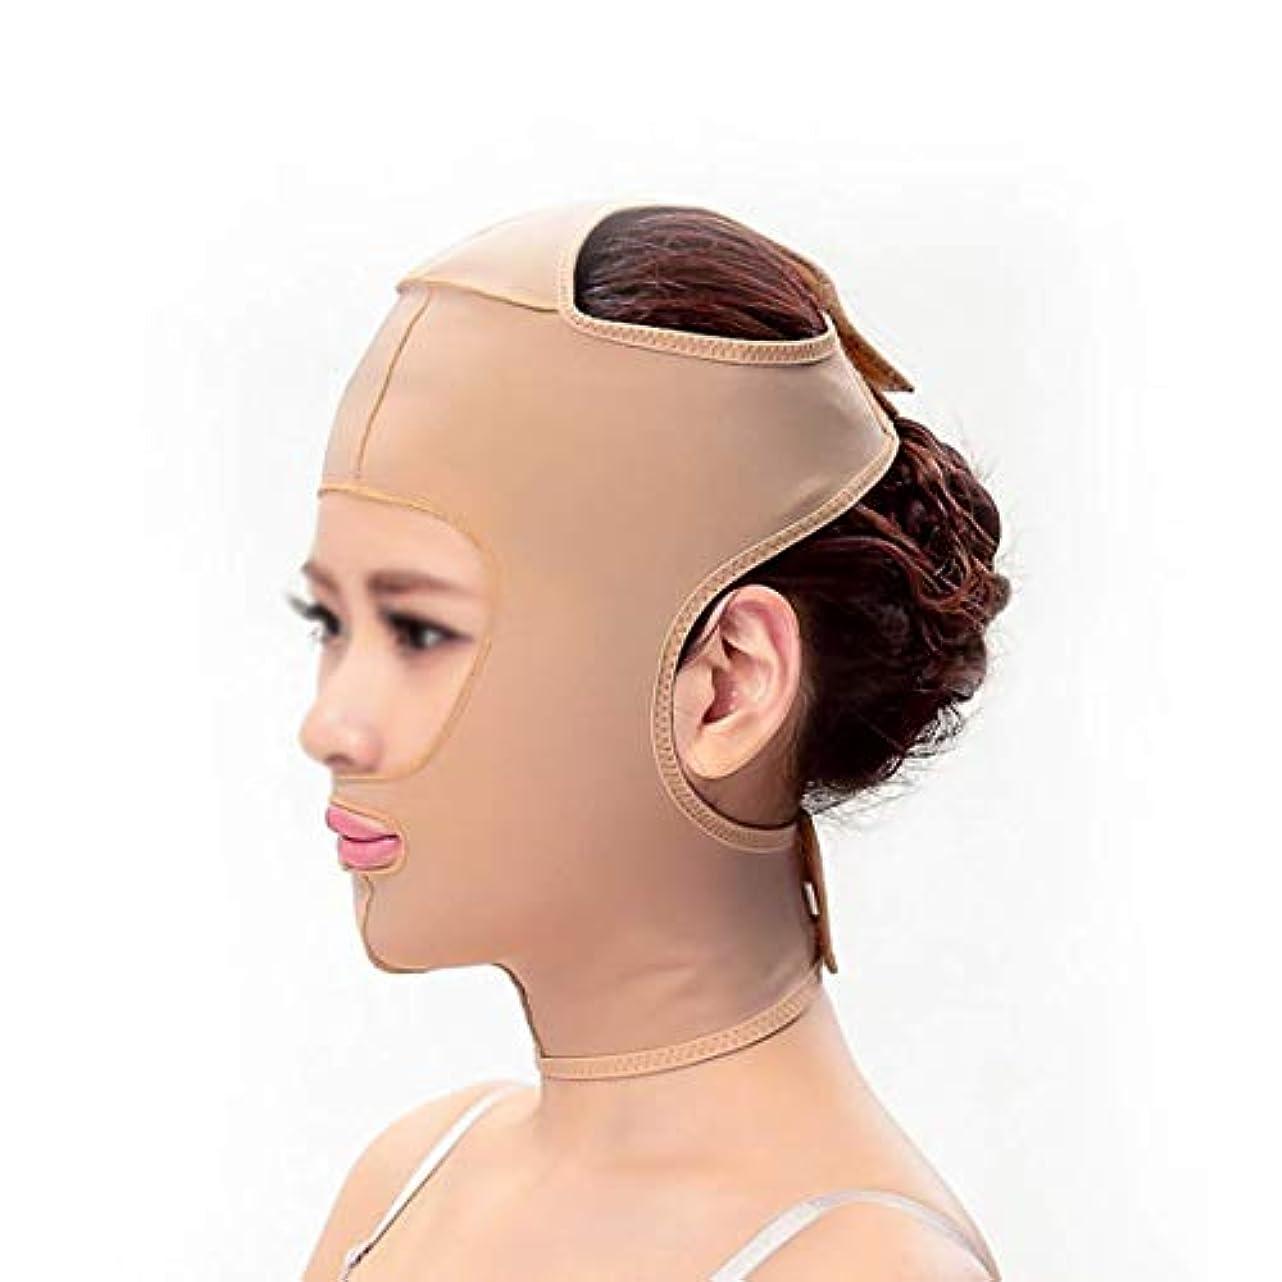 黙エンティティ先祖スリミングベルト、二重あごの引き締め顔面プラスチックフェイスアーティファクト強力なフェイスバンデージをサイズアップするために顔面マスクシンフェイスマスク,S